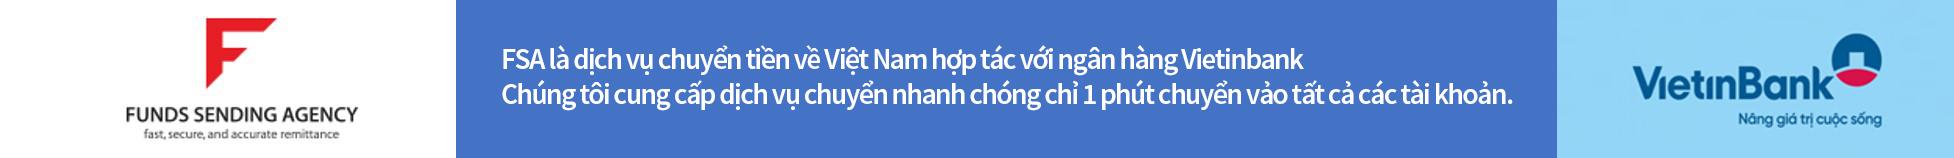 FSAはVietin銀行との提携で、最短1分でベトナムの銀行口座への送金が完了するスピード送金を提供しております。